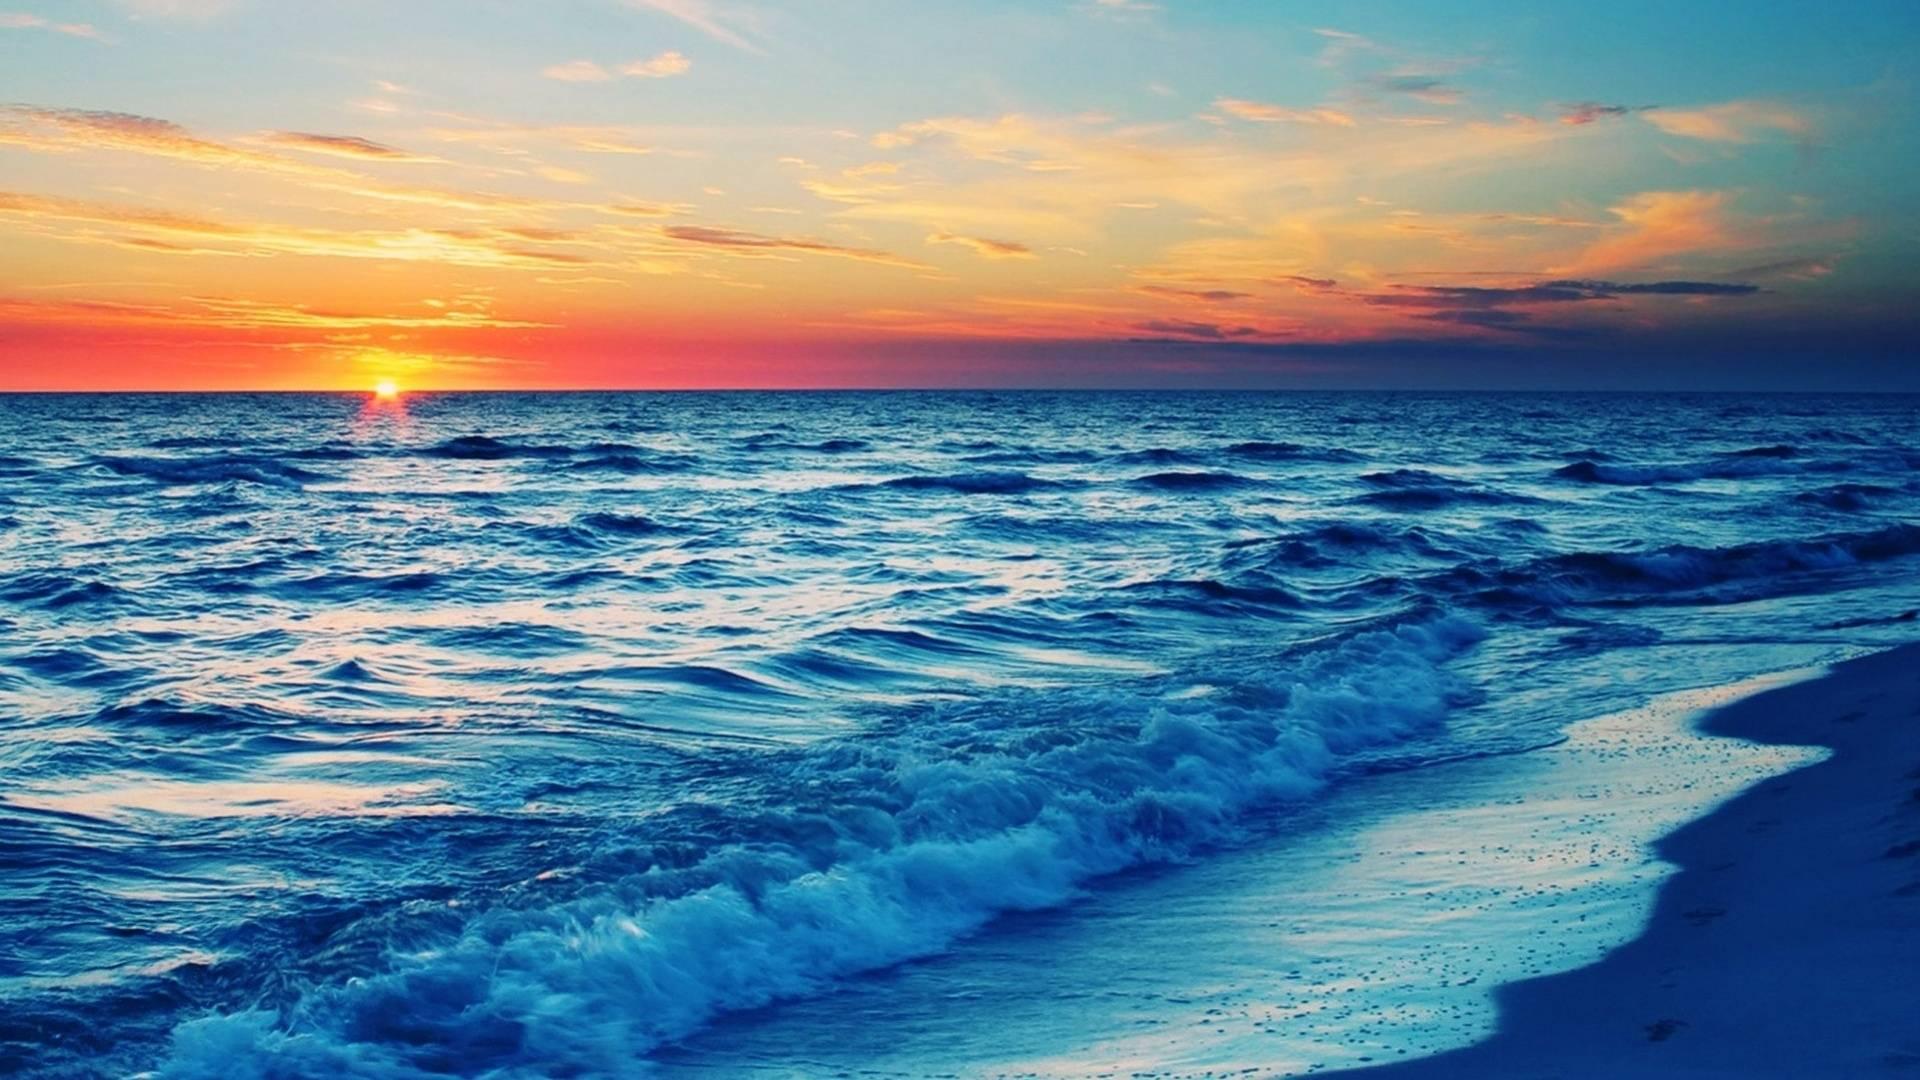 【惠州·度假】即买即约!39.9元抢融创海湾半岛3间海景房,享私家沙滩+免费WiFi,还不限行哦!